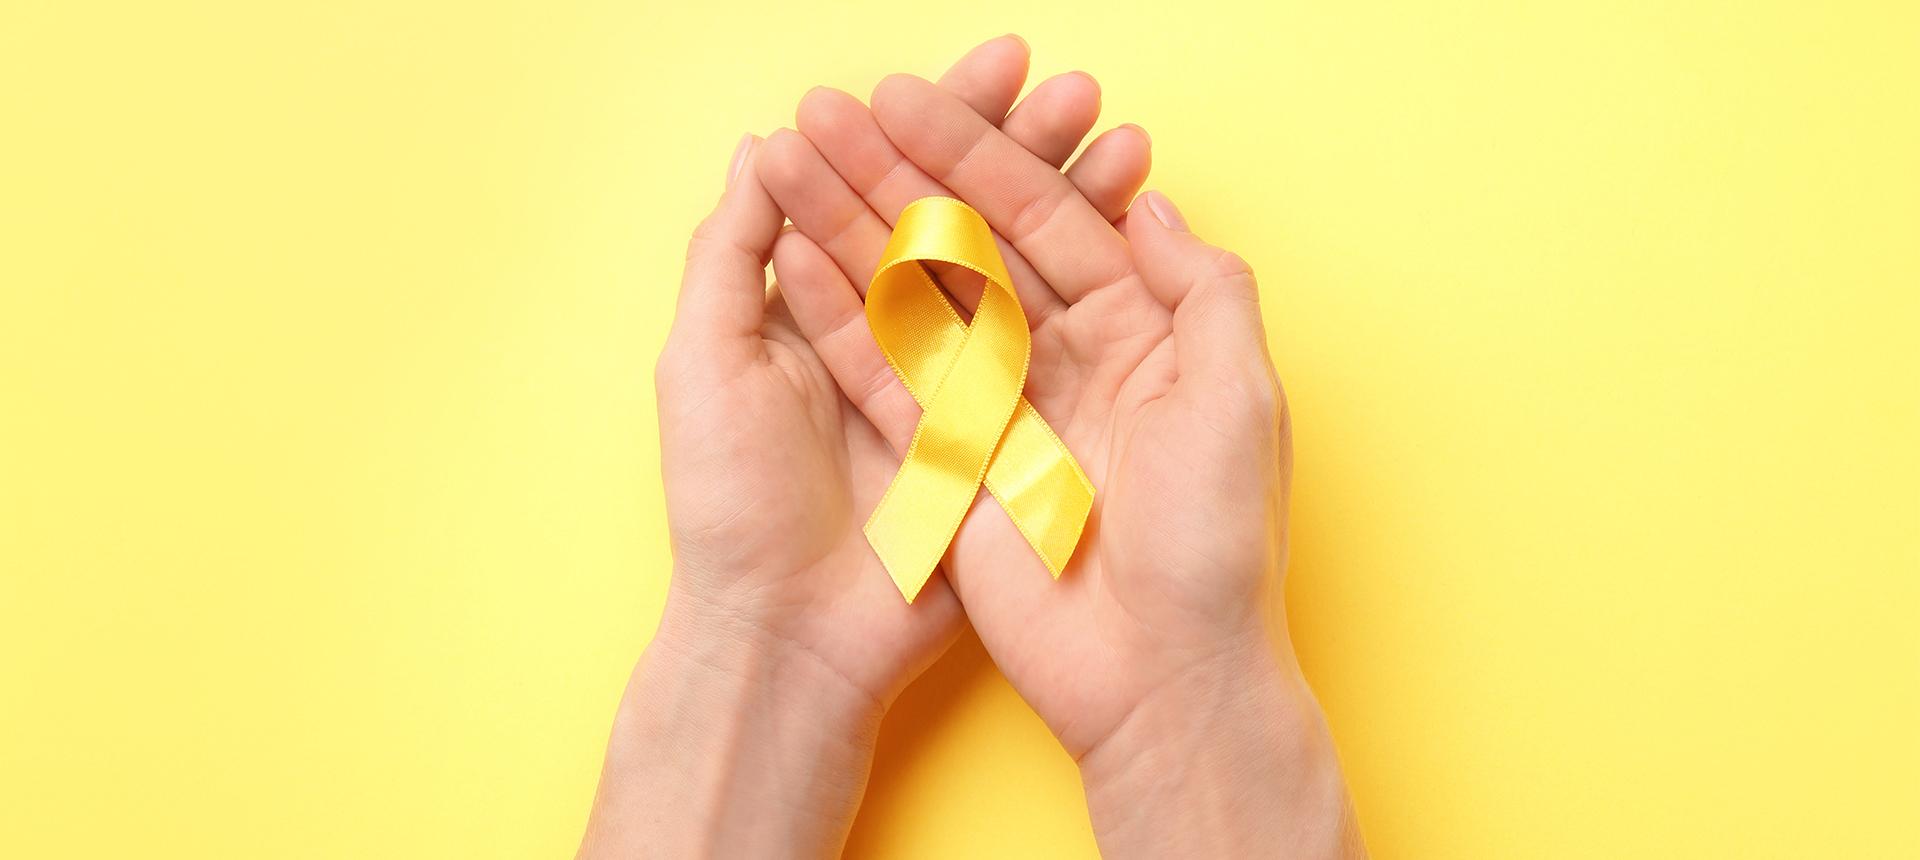 Setembro amarelo e a nossa responsabilidade afetiva